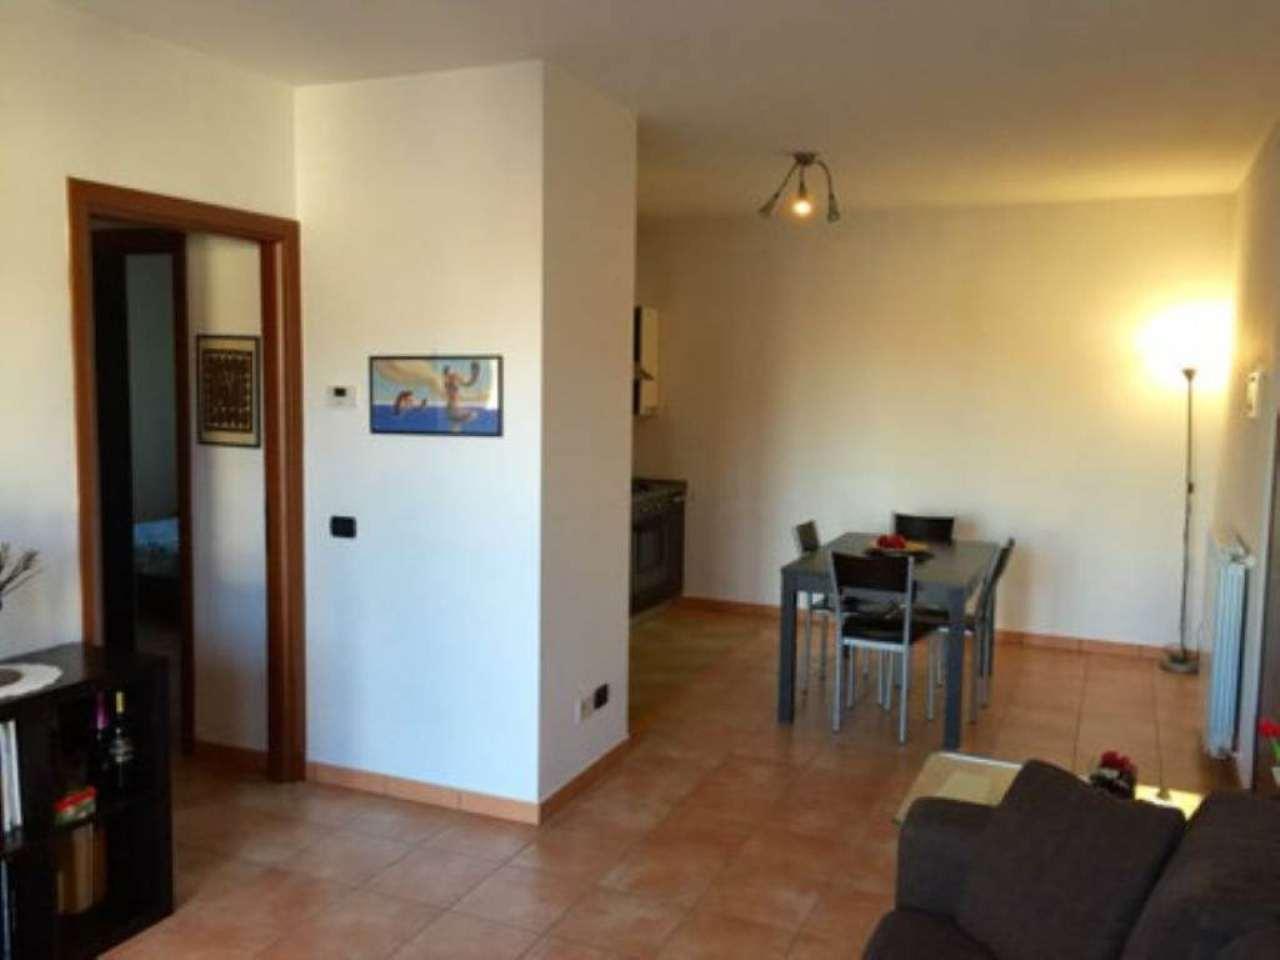 Appartamento in vendita a Gropello Cairoli, 3 locali, prezzo € 100.000 | Cambio Casa.it